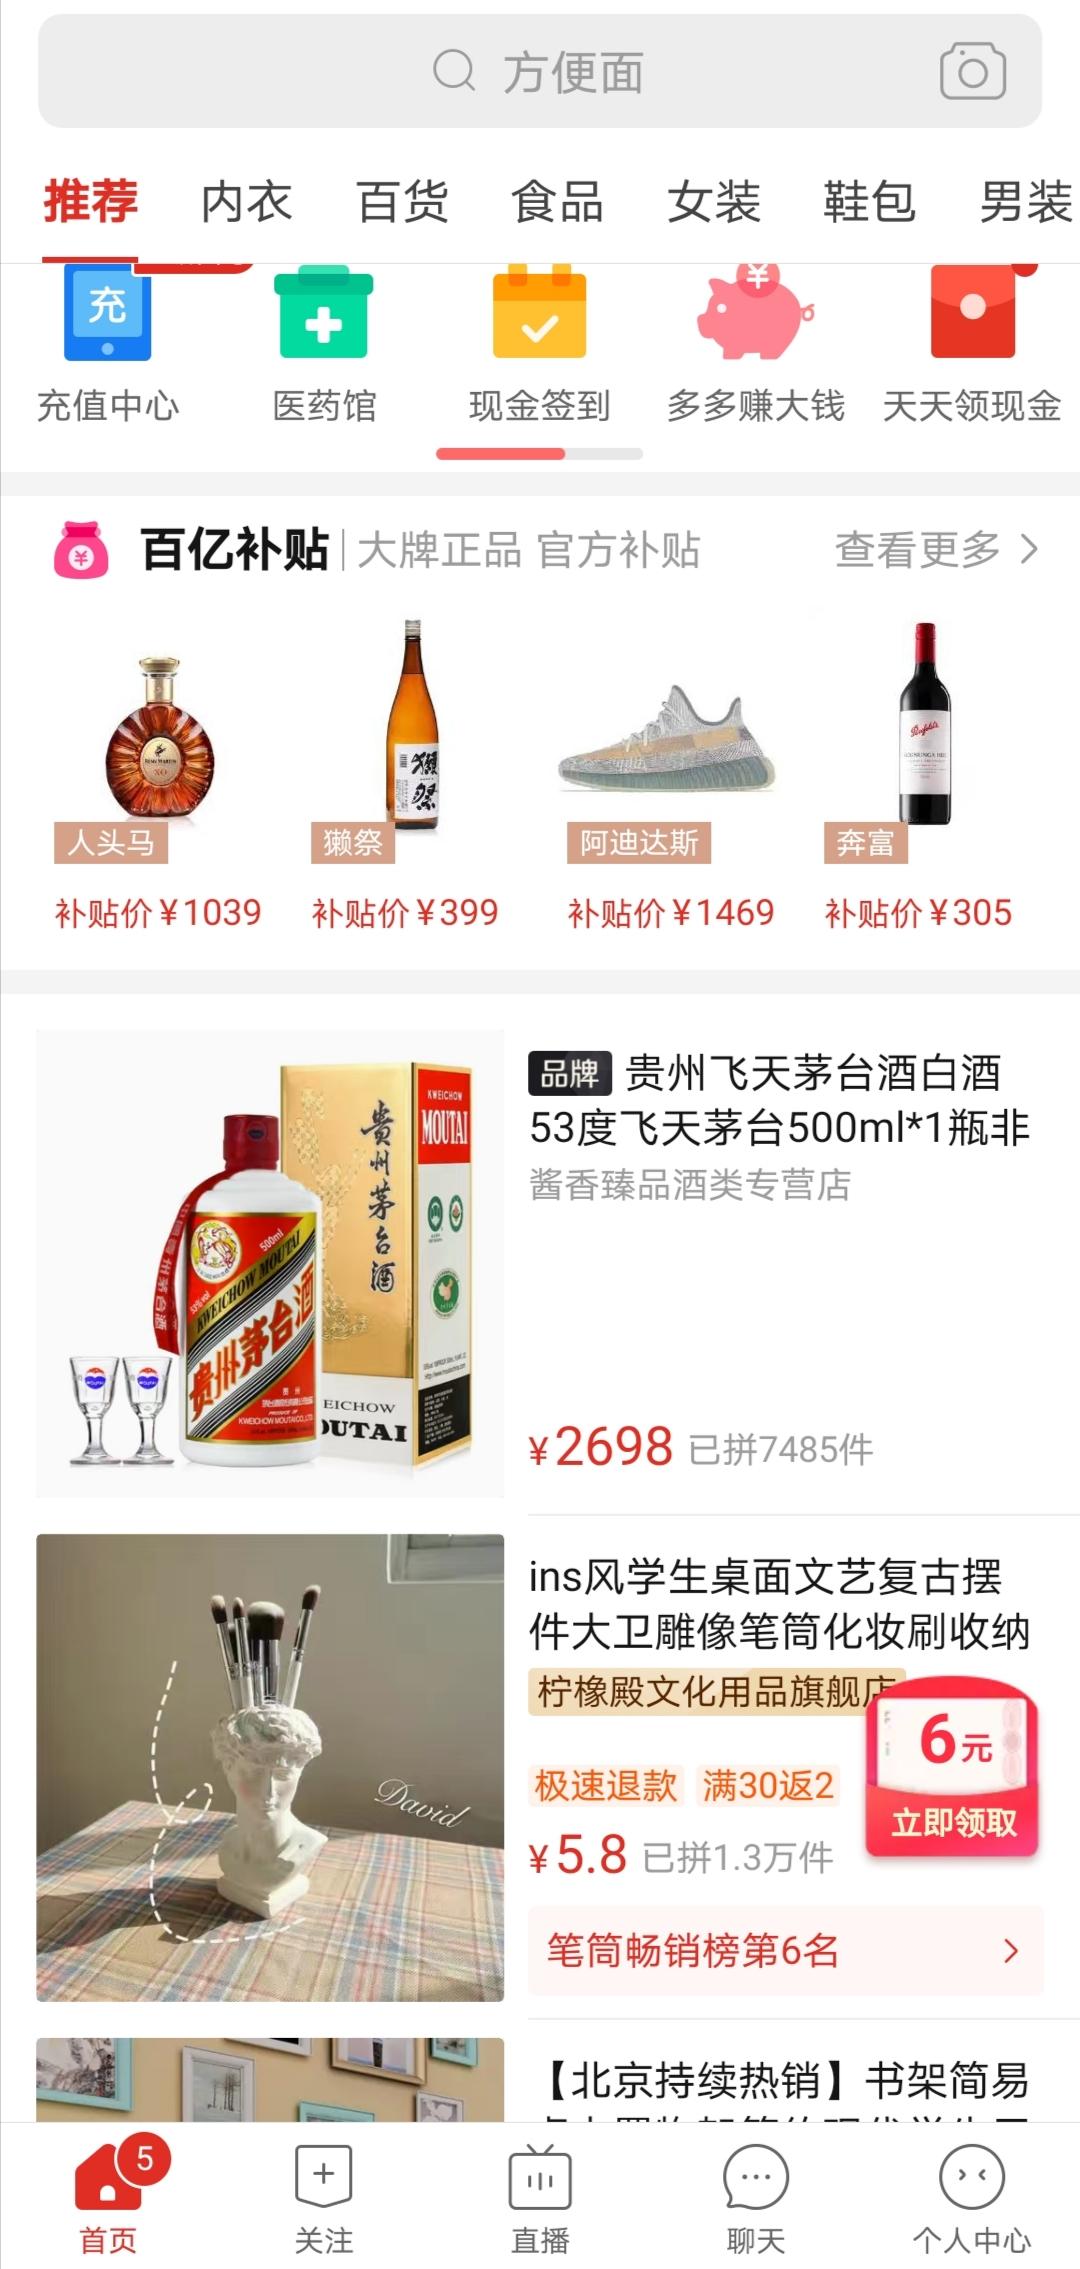 贵州茅台回应拼多多卖飞天茅台:公司没有供货